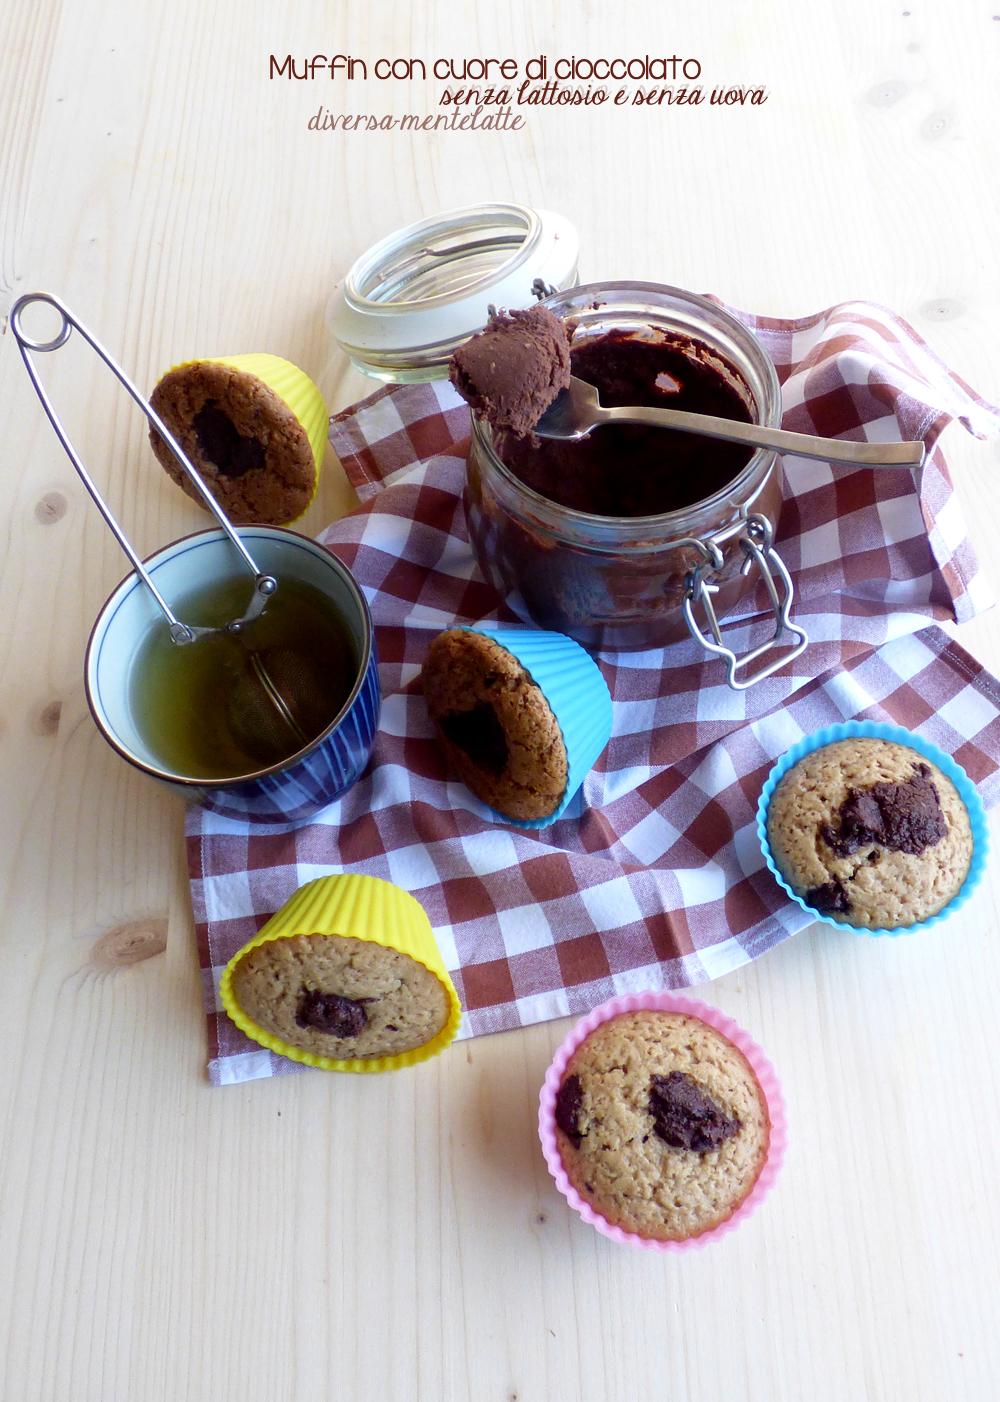 muffin con cuore di cioccolato-senza lattosio senza uova